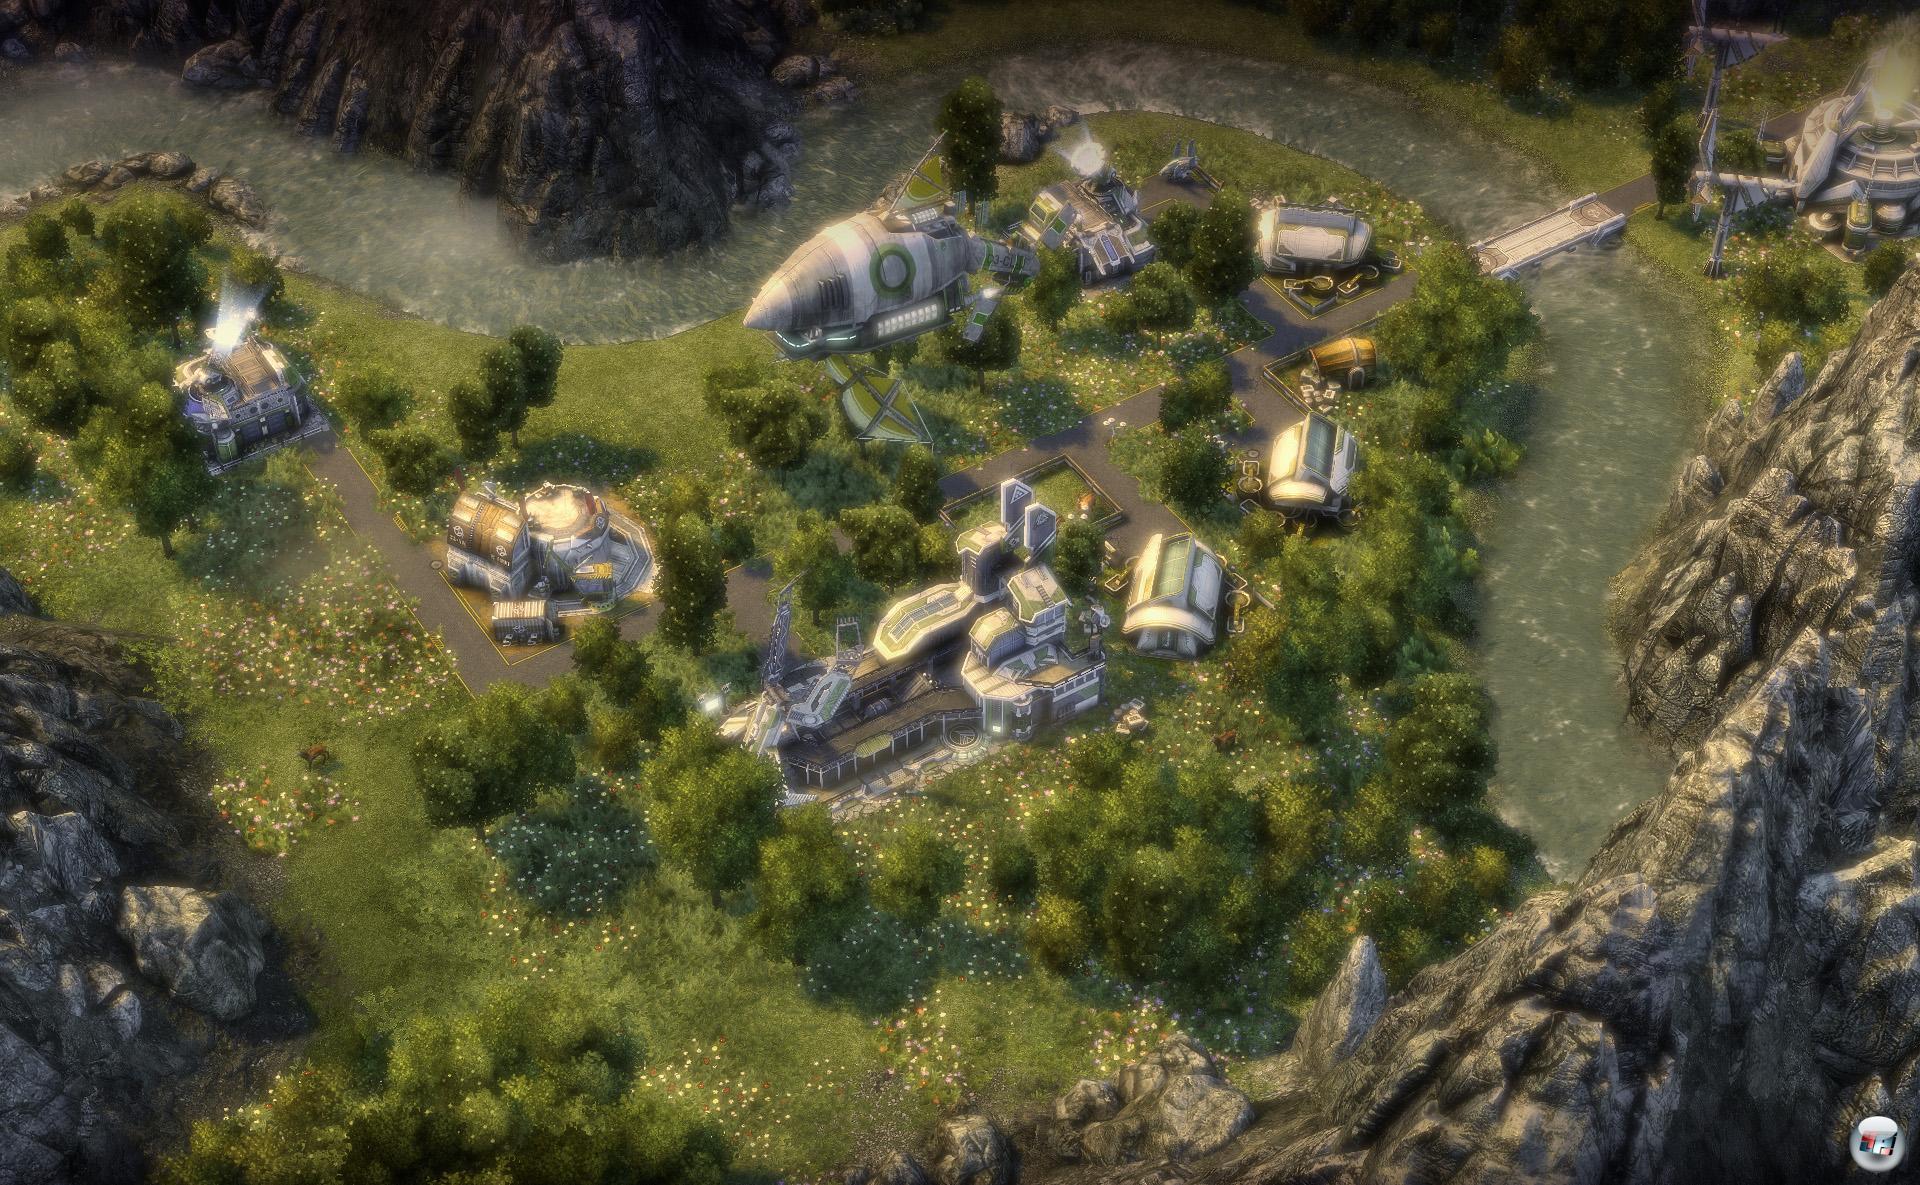 ANNO 2070 wird neben einer Kampagne und dem klassischen Endlosspiel auch einen Mehrspieler-Modus beinhalten. Im Story-Modus werden einige Missionen sogar aufeinander aufbauen, d.h. man kann seine Siedlung aus der vorherigen Mission sogar mitnehmen.